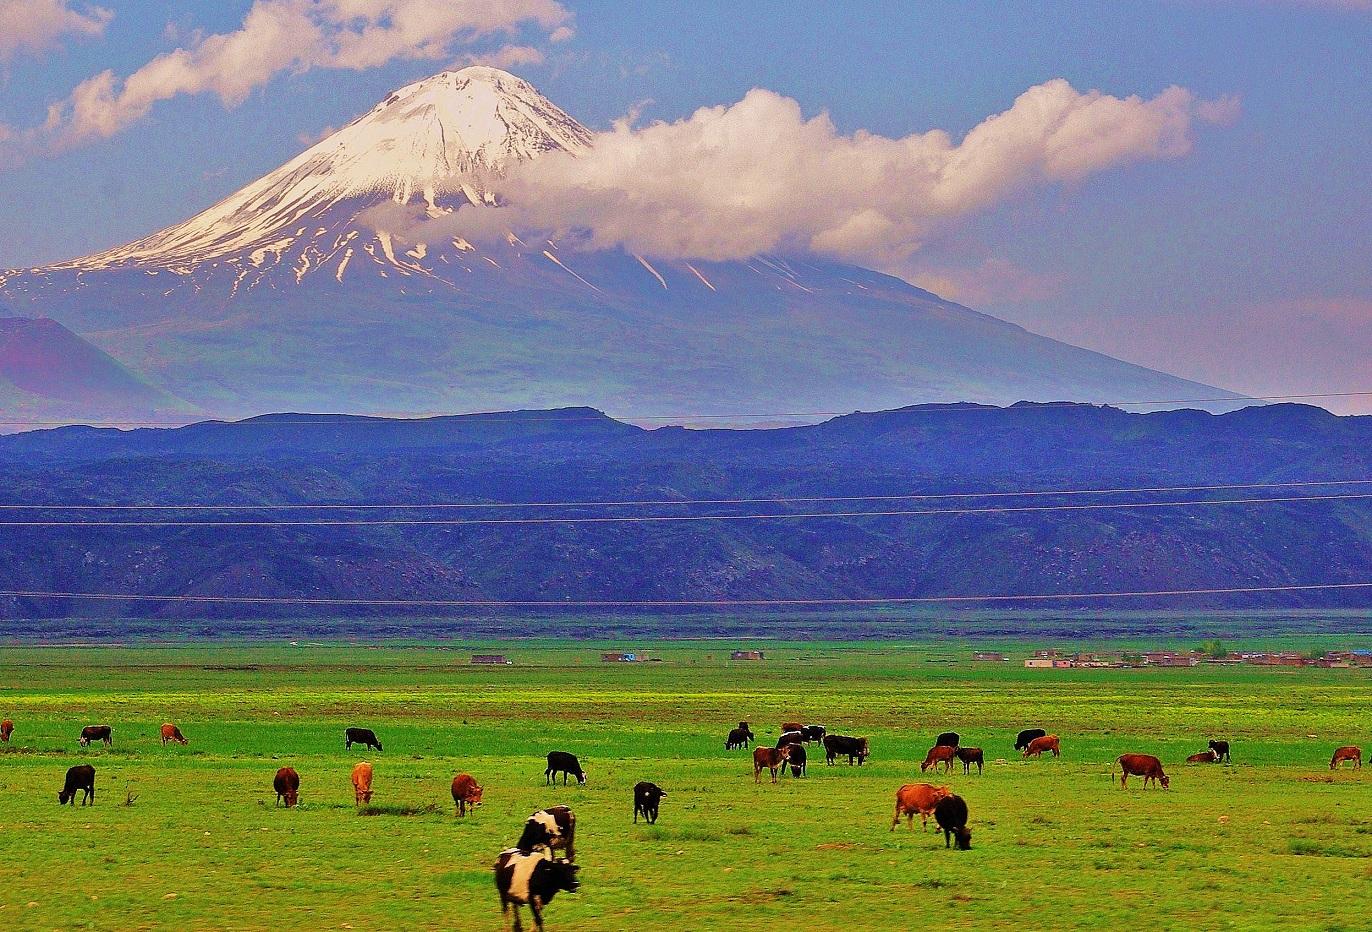 Little Ararat - Wikipedia